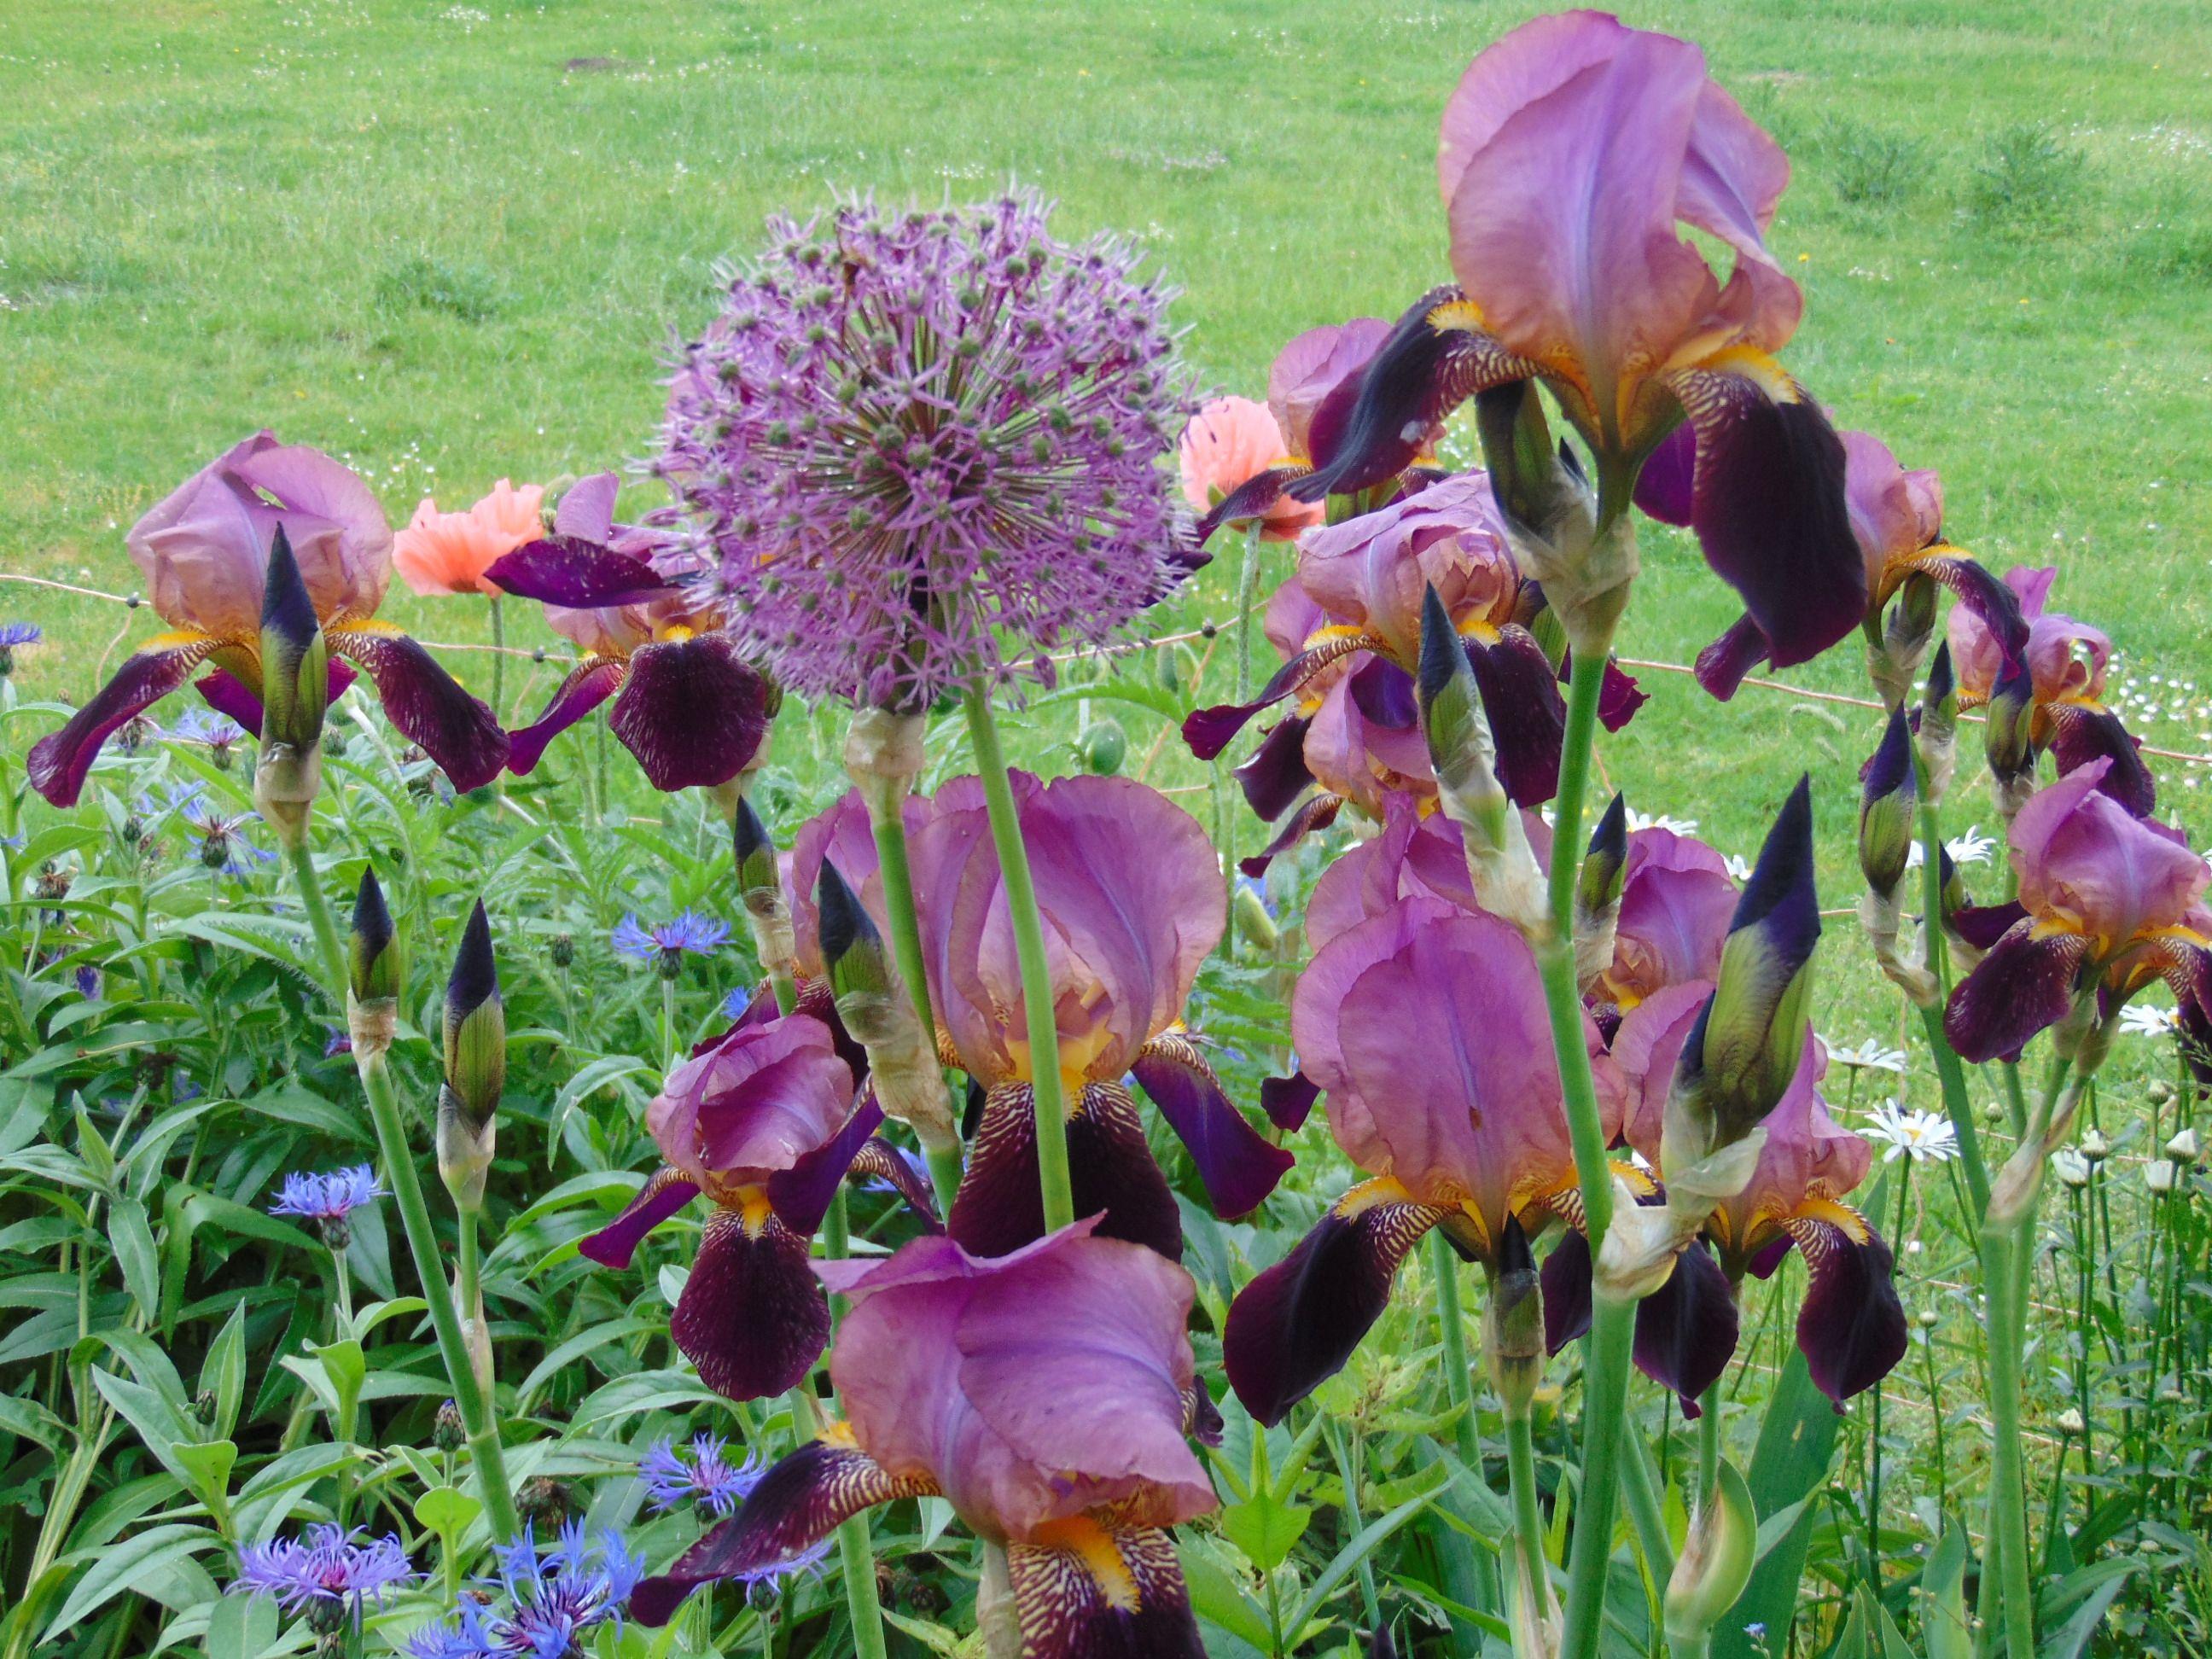 Iris und Zierlauch